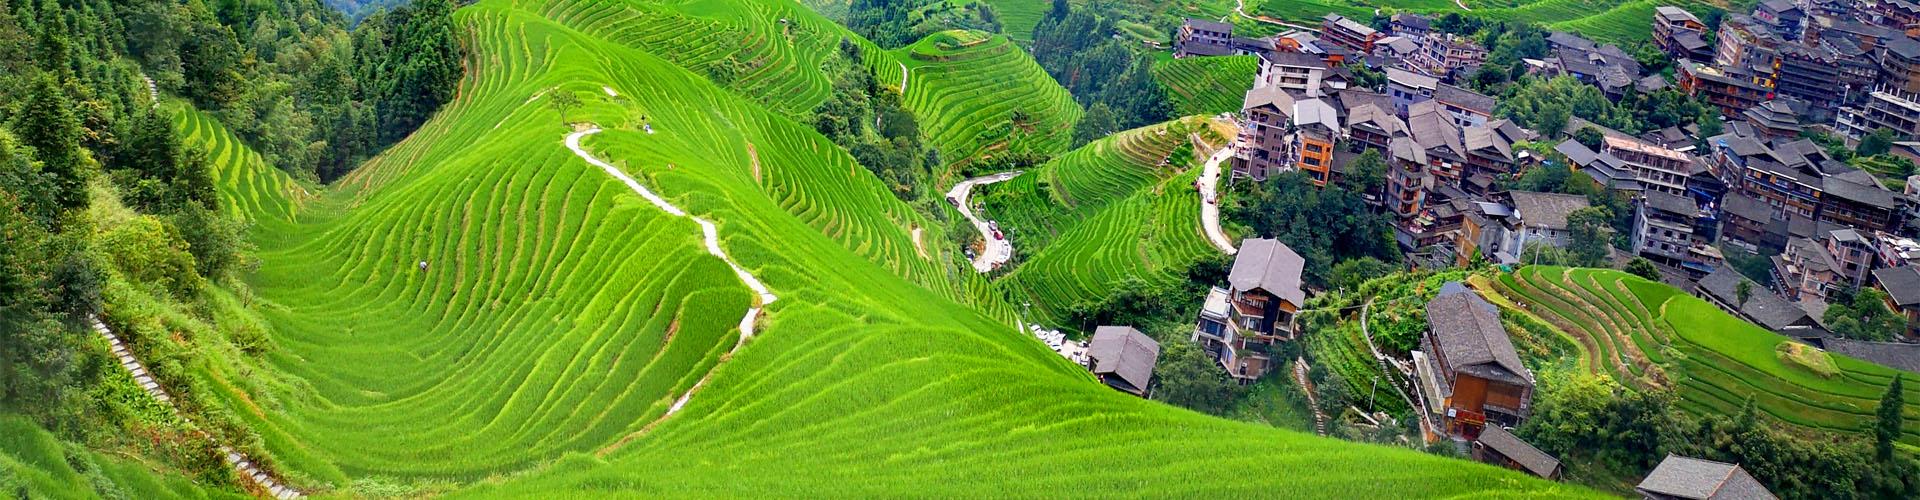 rizière en terrasse de Longji en été